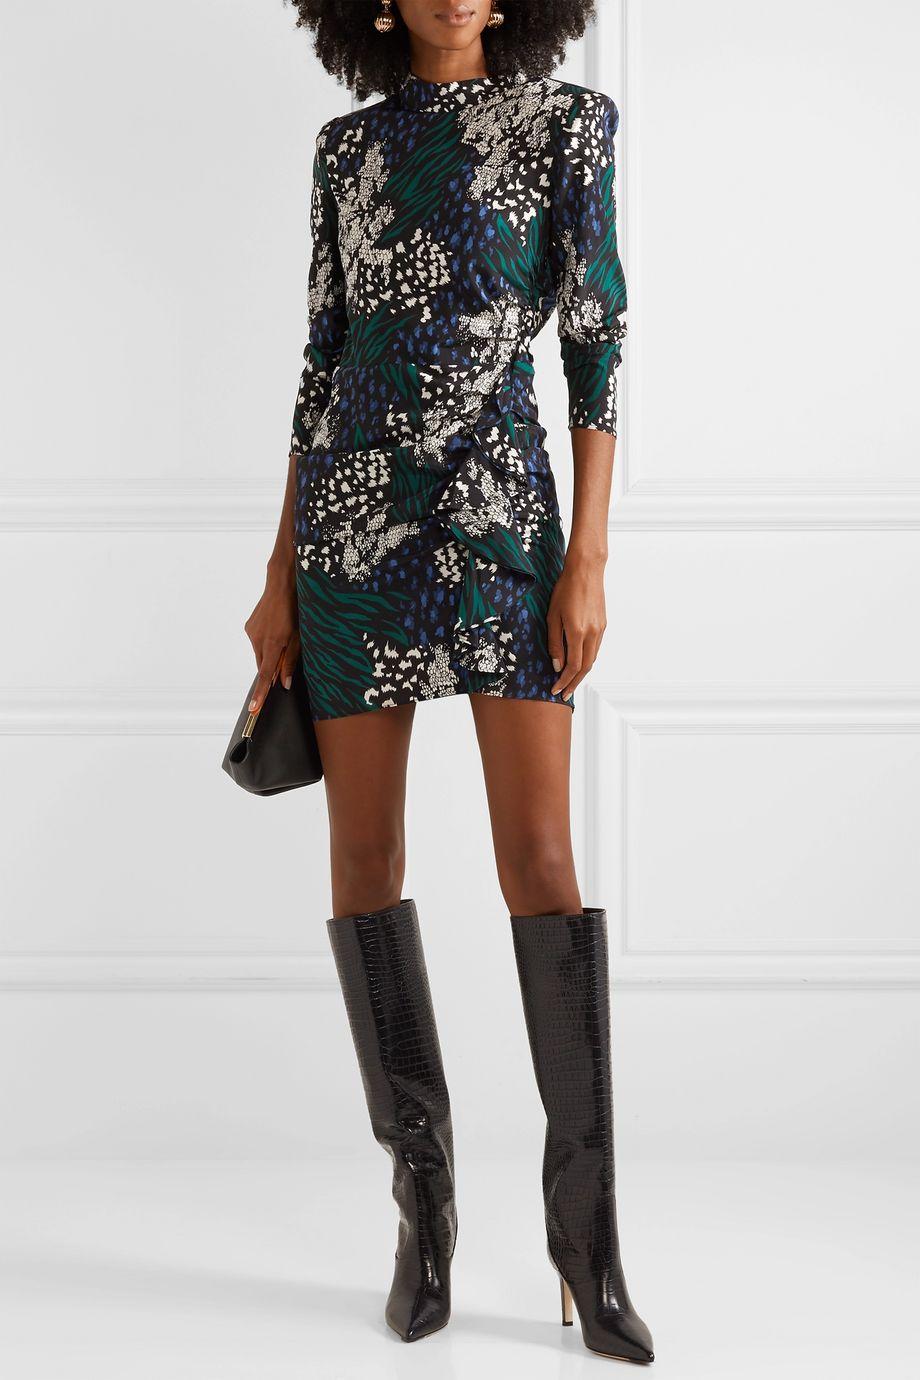 Veronica Beard Mini-robe en crêpe de Chine de soie stretch à imprimés animaliers et à volants Louella